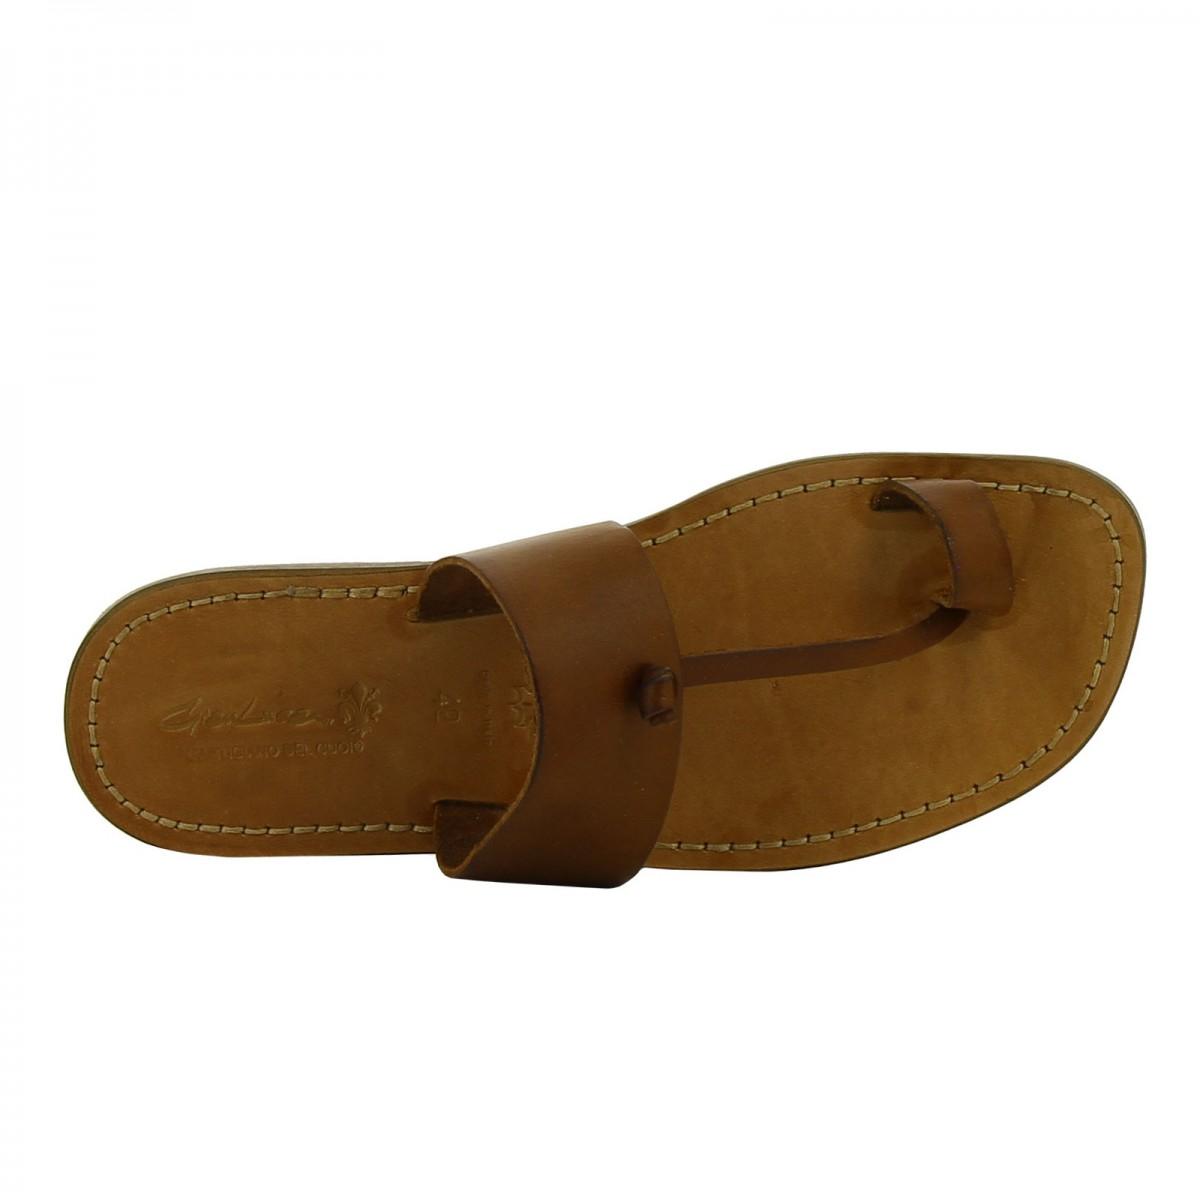 braunem herren sandalen zehenschlaufe in italien von handgefertigt gianluca das leder handwerker. Black Bedroom Furniture Sets. Home Design Ideas